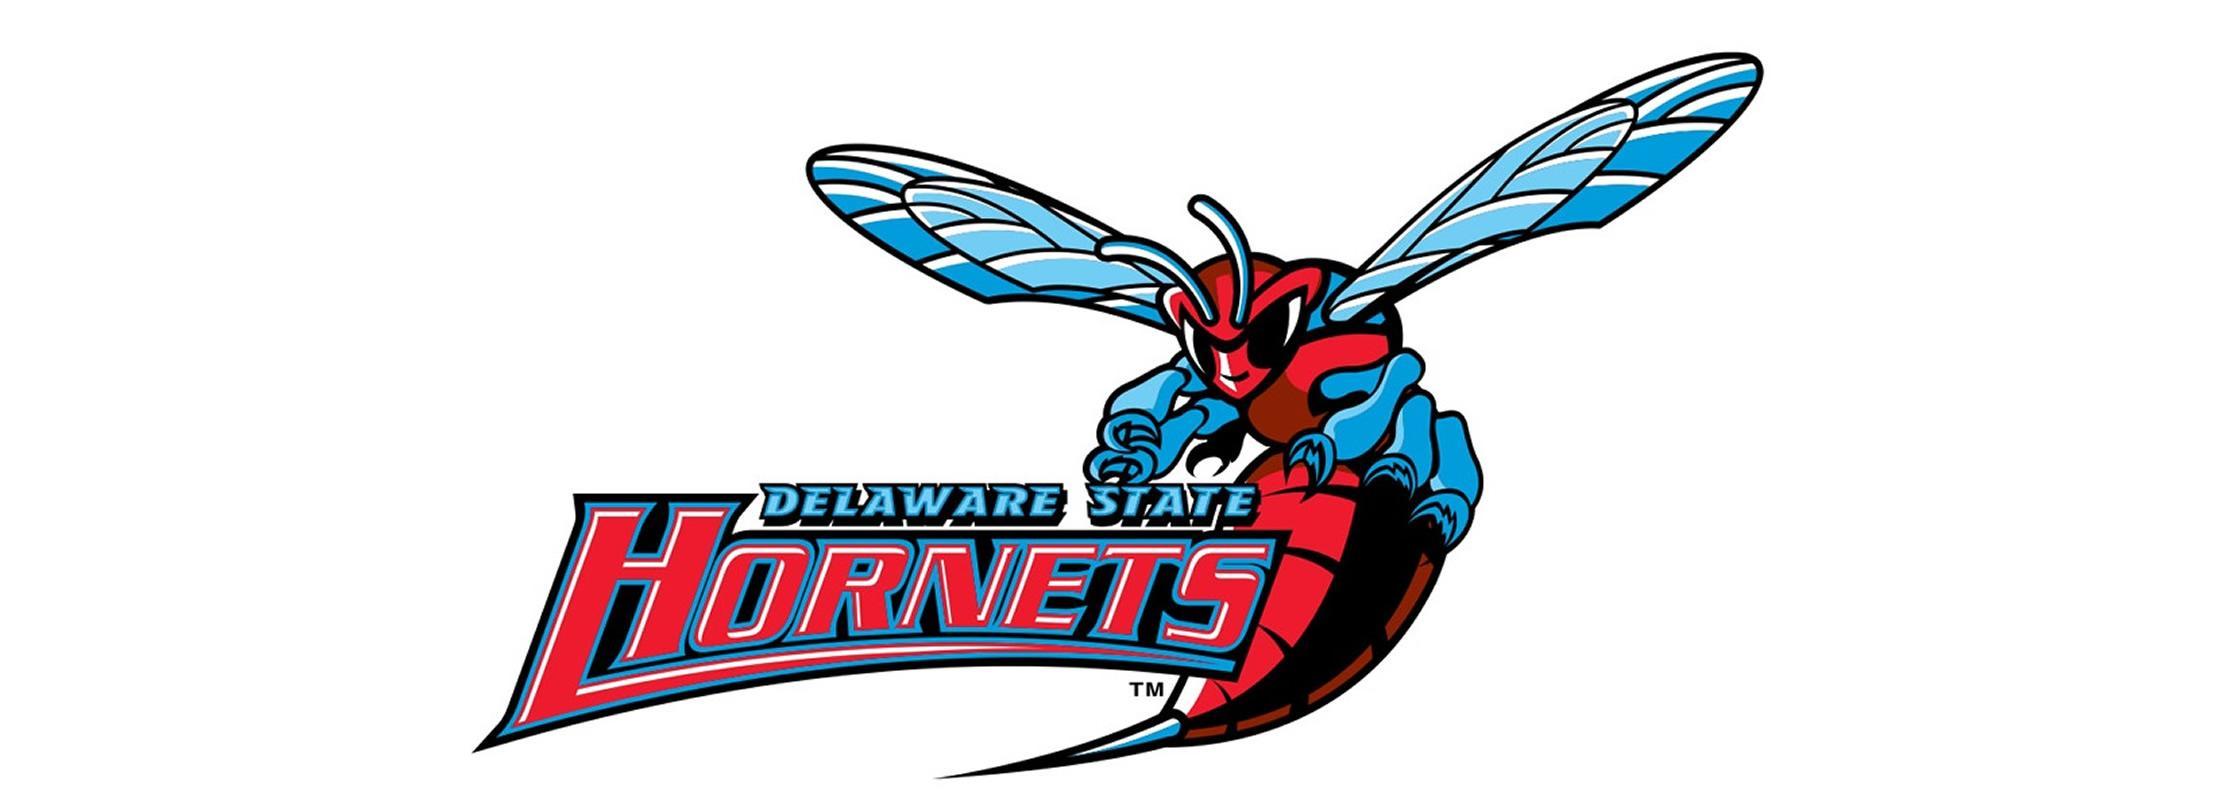 DSU Hornets logo